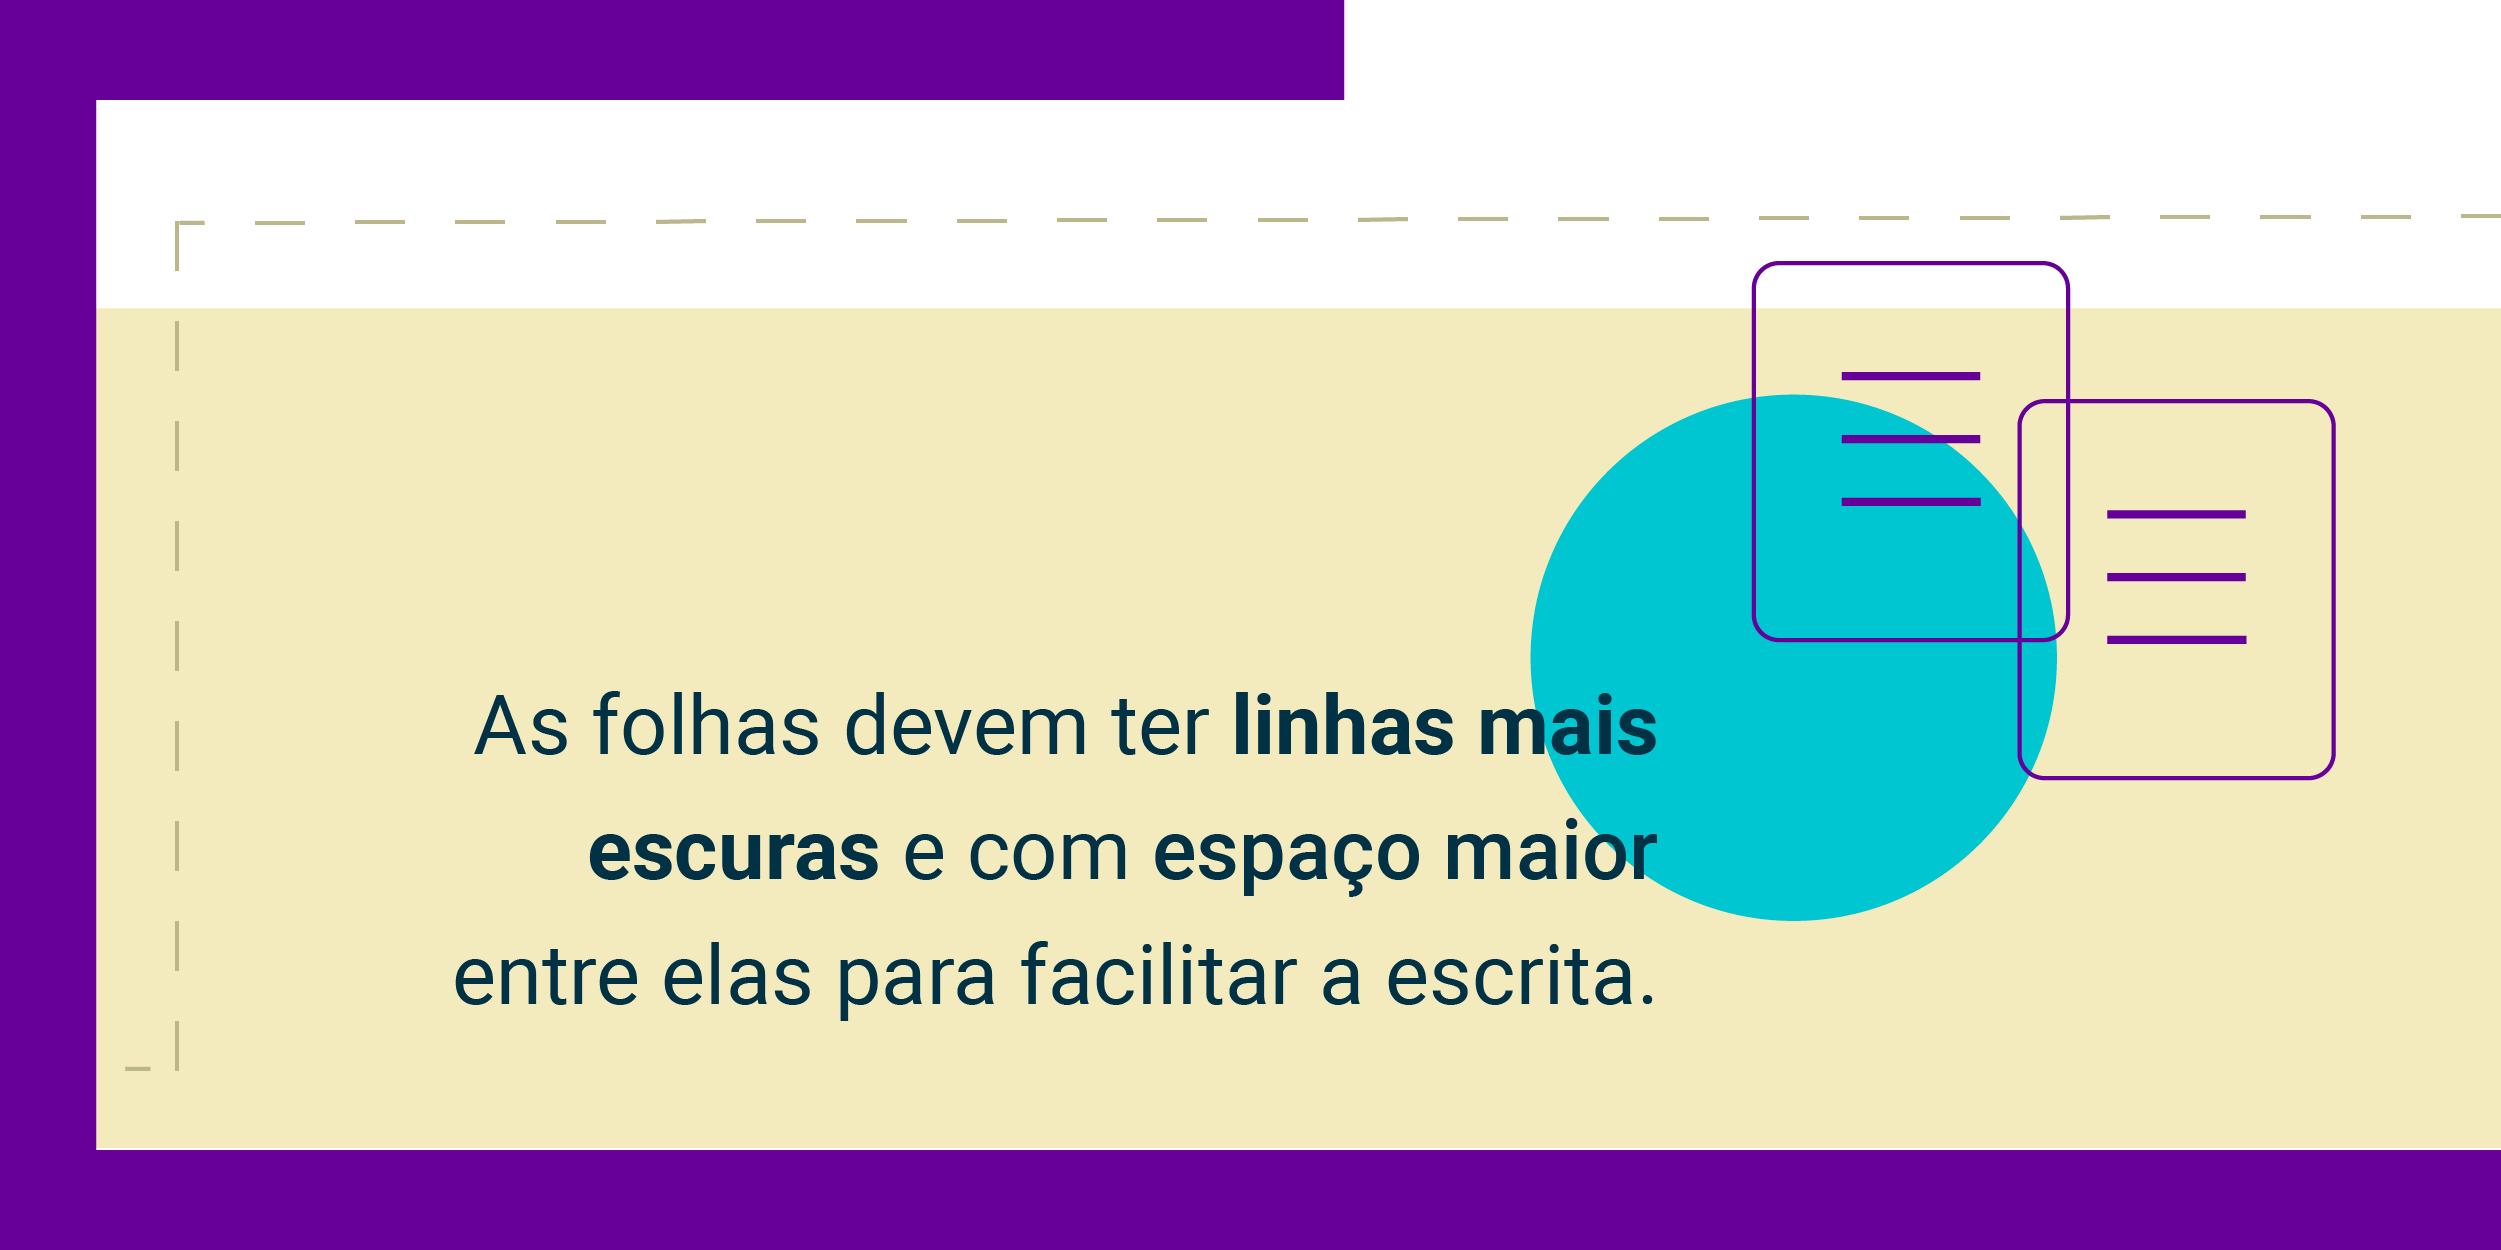 Imagem com a frase As folhas devem ter linhas mais escuras e com espaço maior entre elas para facilitar a escrita.